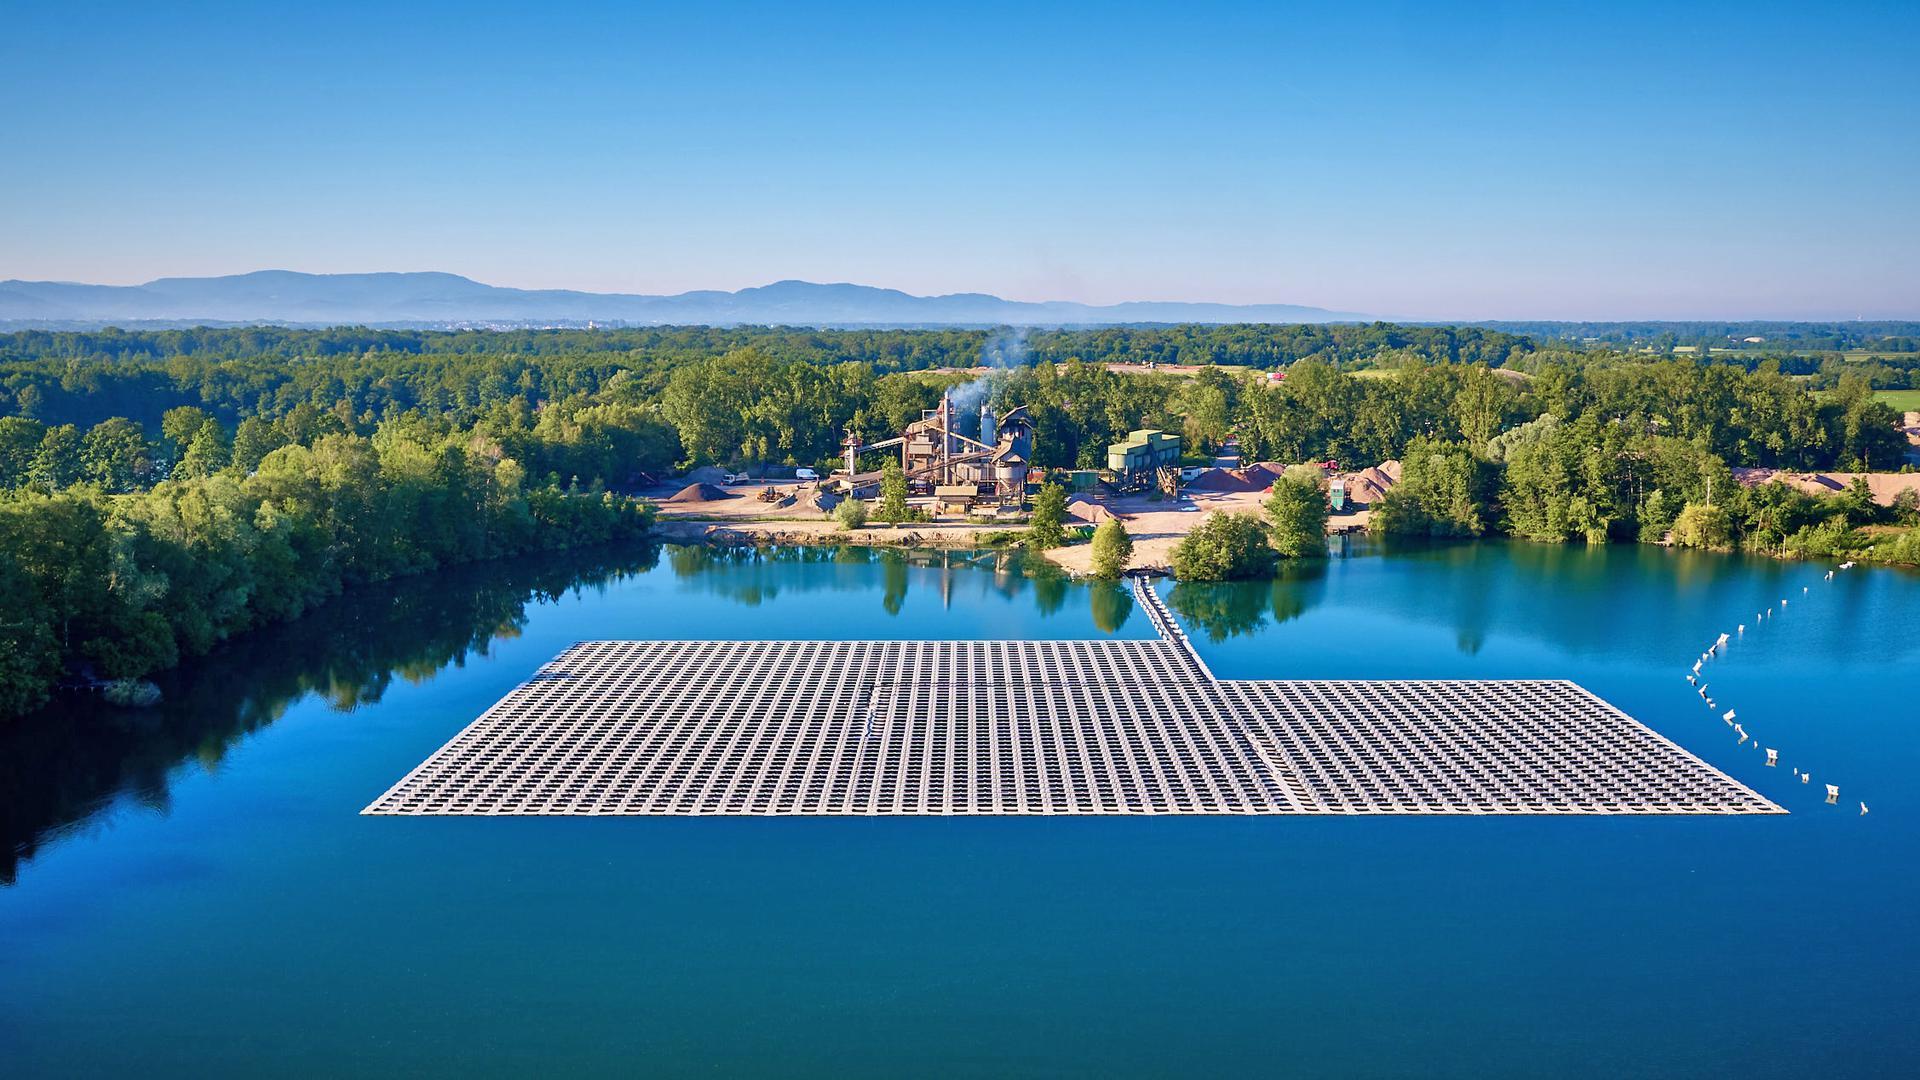 Die Drohnenaufnahme zeigt das Ausmaß der schwimmenden Solarkraftwerks auf dem Maiwaldsee bei Renchen. Gut zwei Prozent der Gesamtfläche von 43 Hektar nimmt die Photovoltaikanlage ein.